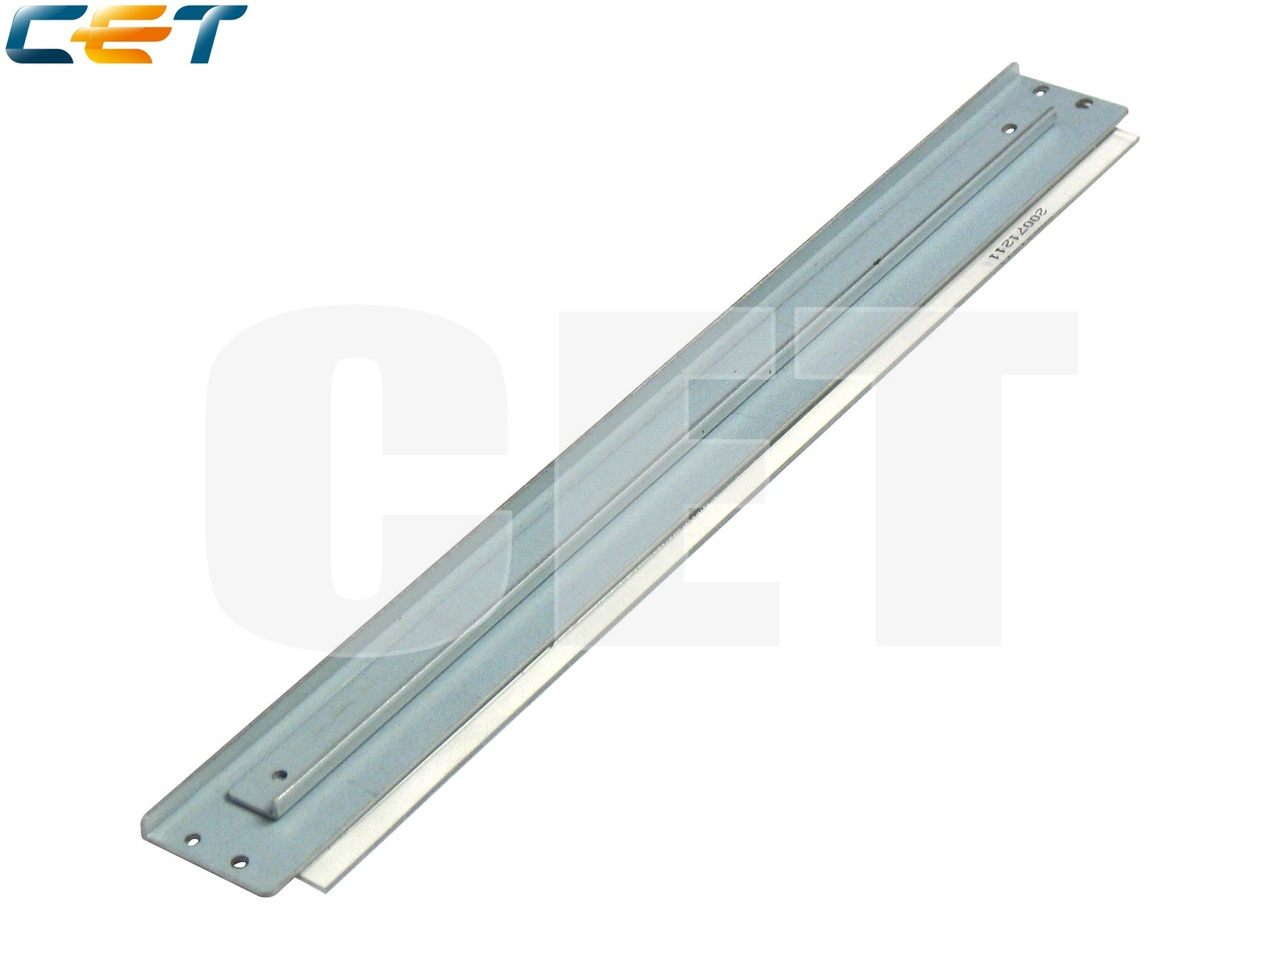 Ракель DZJN000082 для PANASONICDP2310/DP2330/DP3010/DP3030 (CET), CET4658